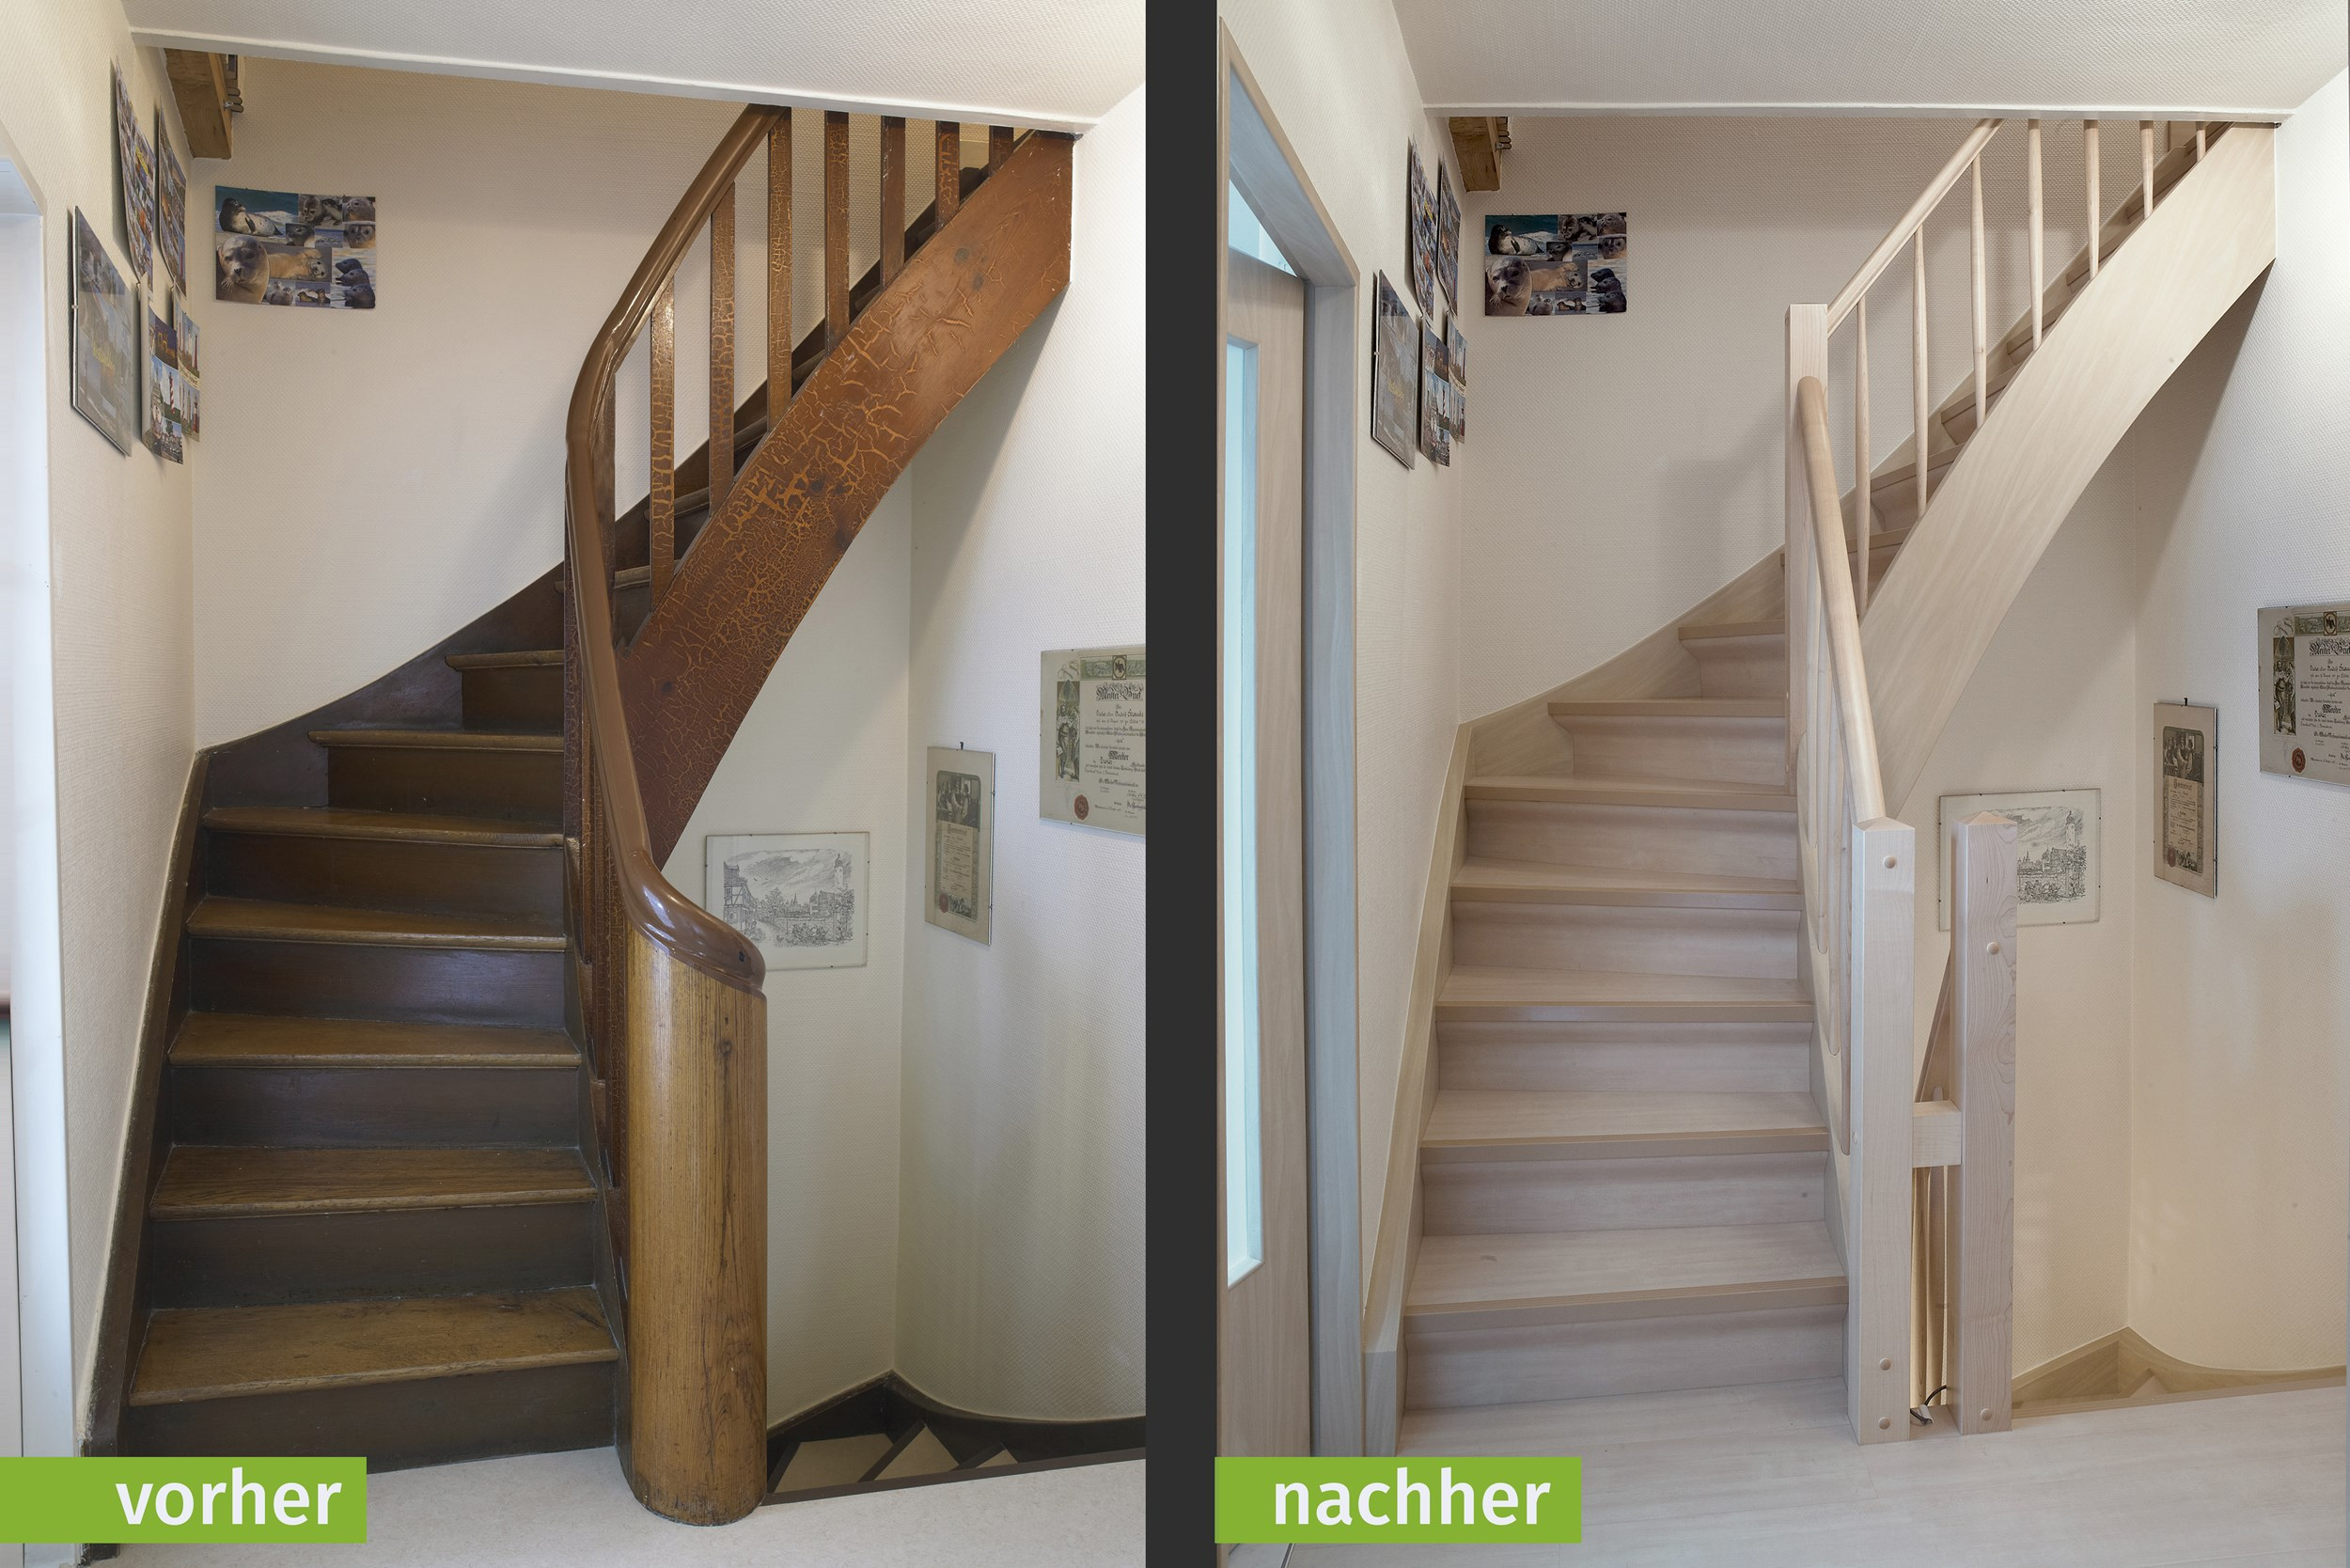 kundenbeispiele treppenrenovierung – portas renovierung